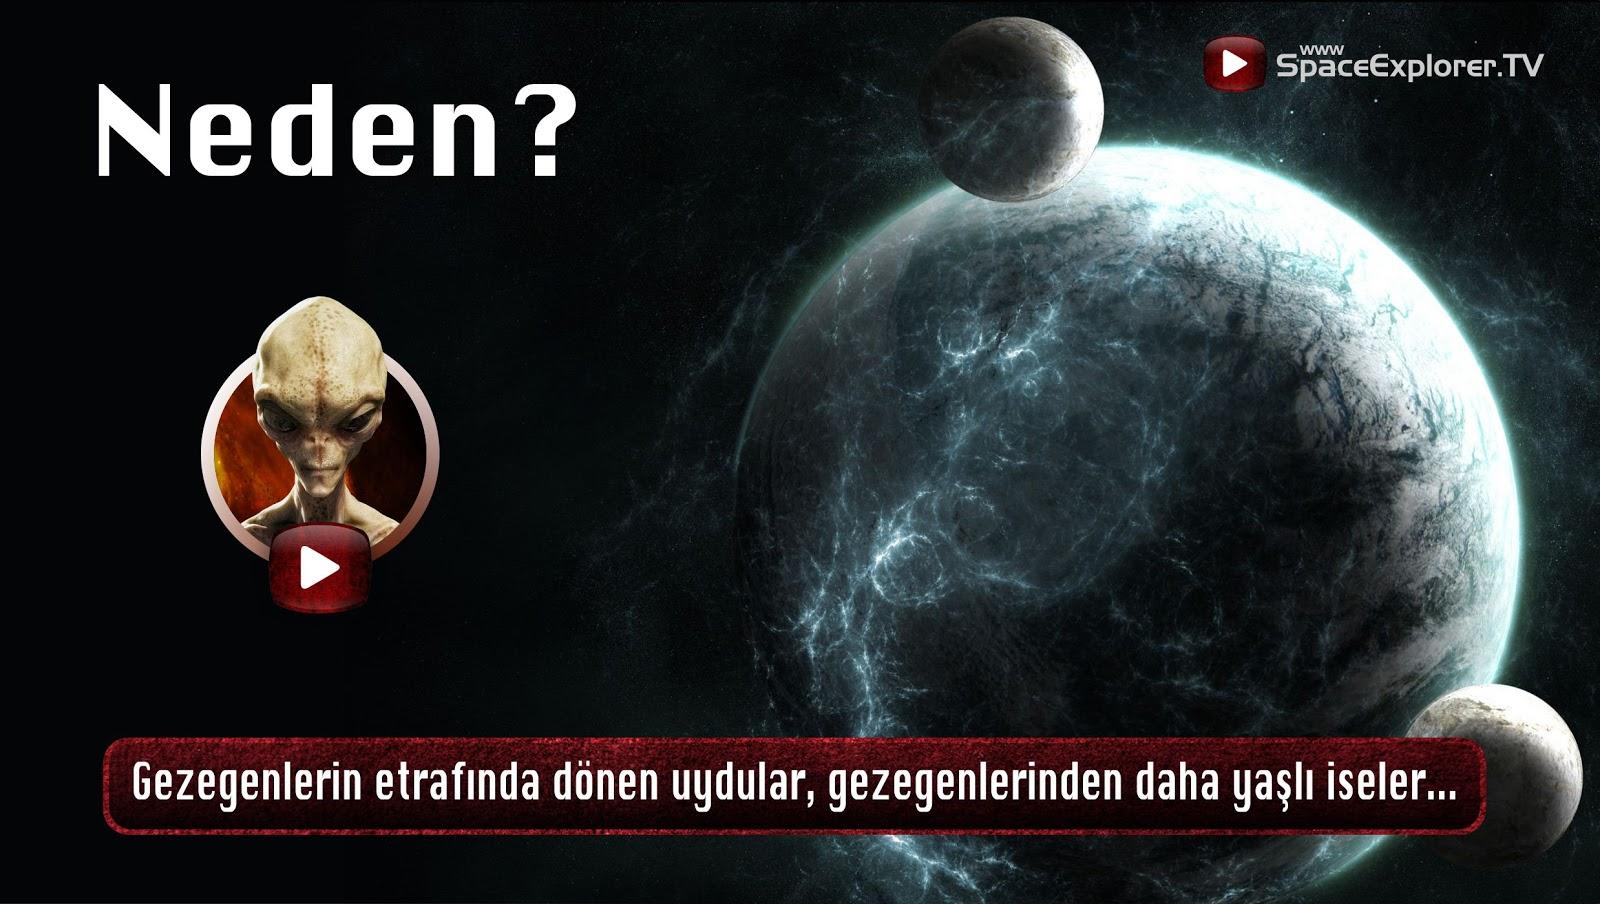 Evren, Kainat, Güneş sistemi, Güneş sistemleri, Doğal uydular, Merkür, Venüs, Dünya, Mars, Ceres, Jüpiter, Satürn, Mehmet Fahri Sertkaya,